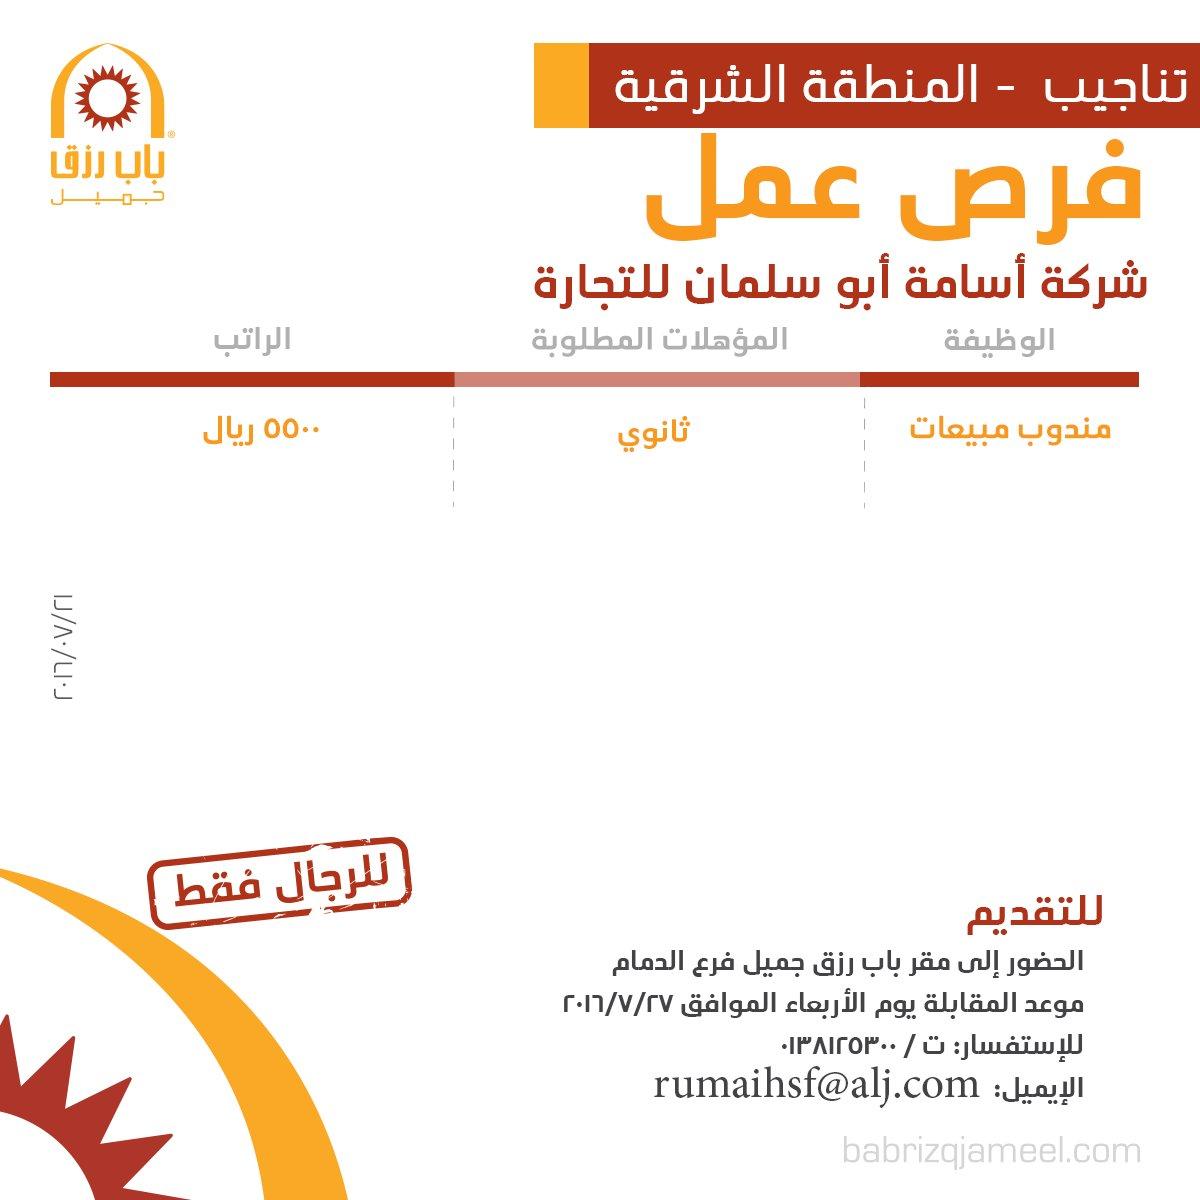 غدا الأربعاء التقديم على وظيفة مندوب مبيعات في شركة أسامة أبو سلمان - المنطقة الشرقية